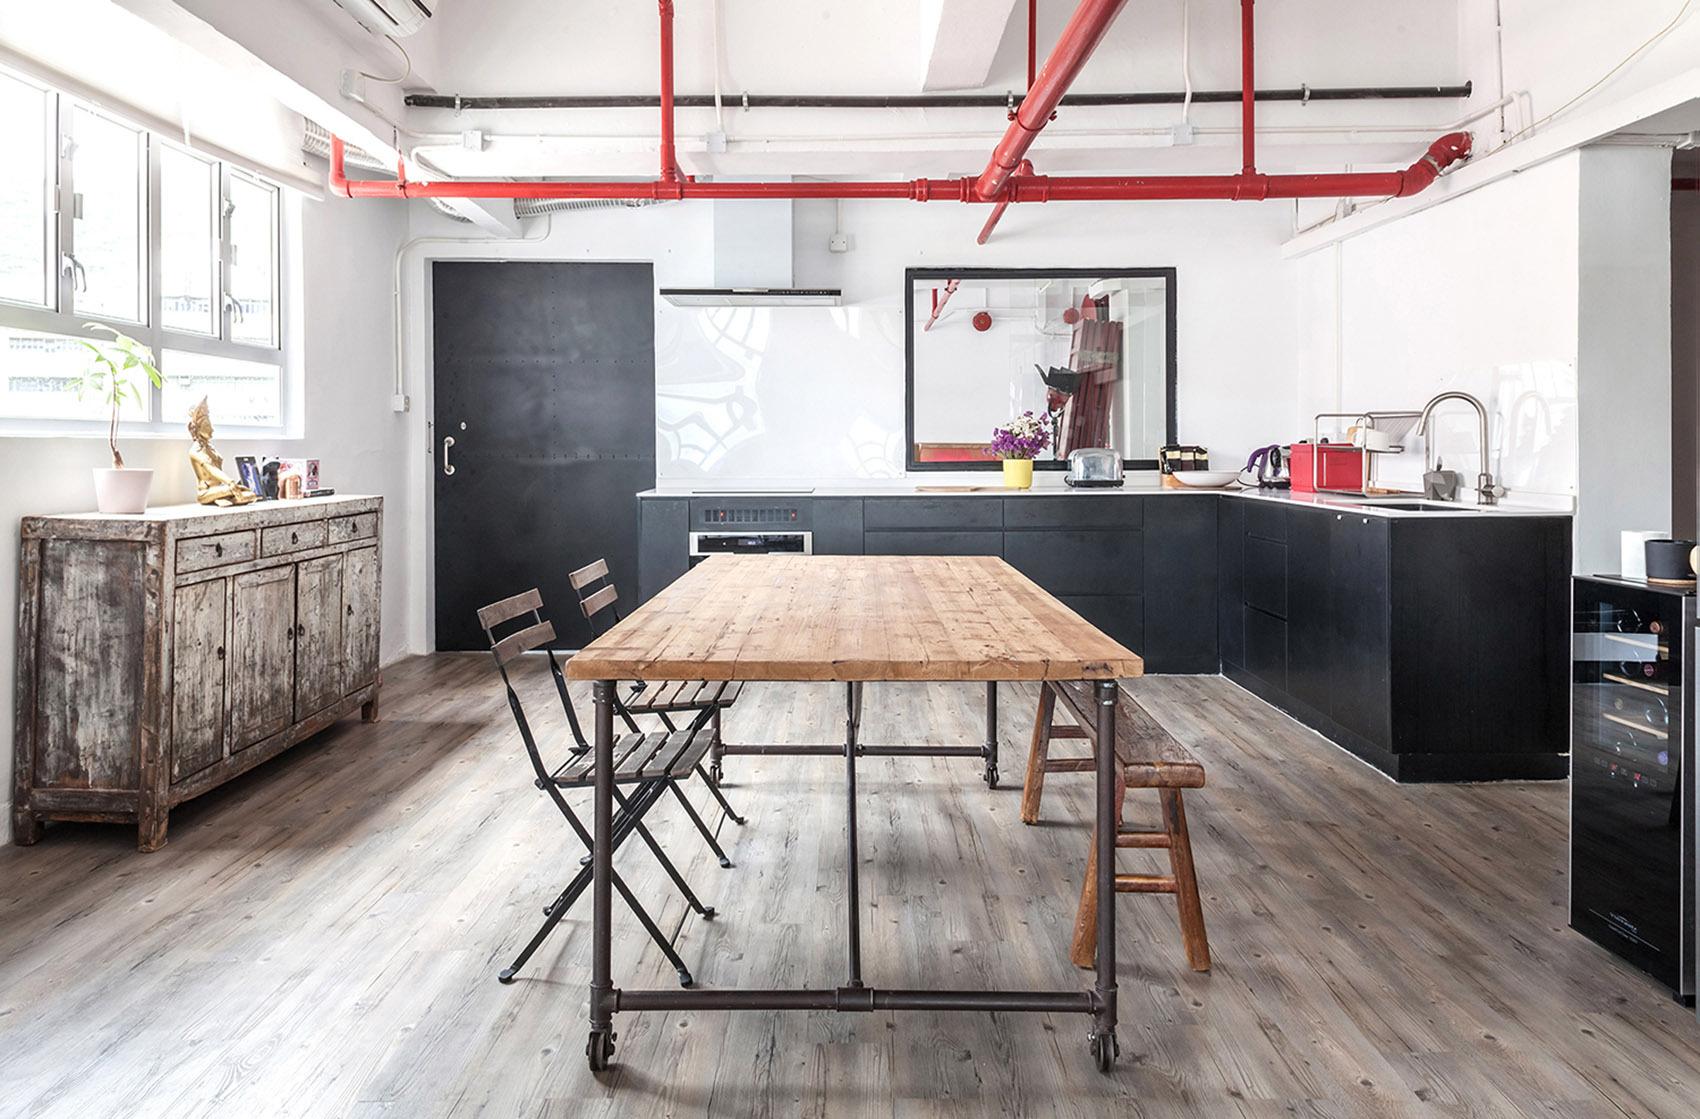 LOFT工业风格餐厅装修效果图